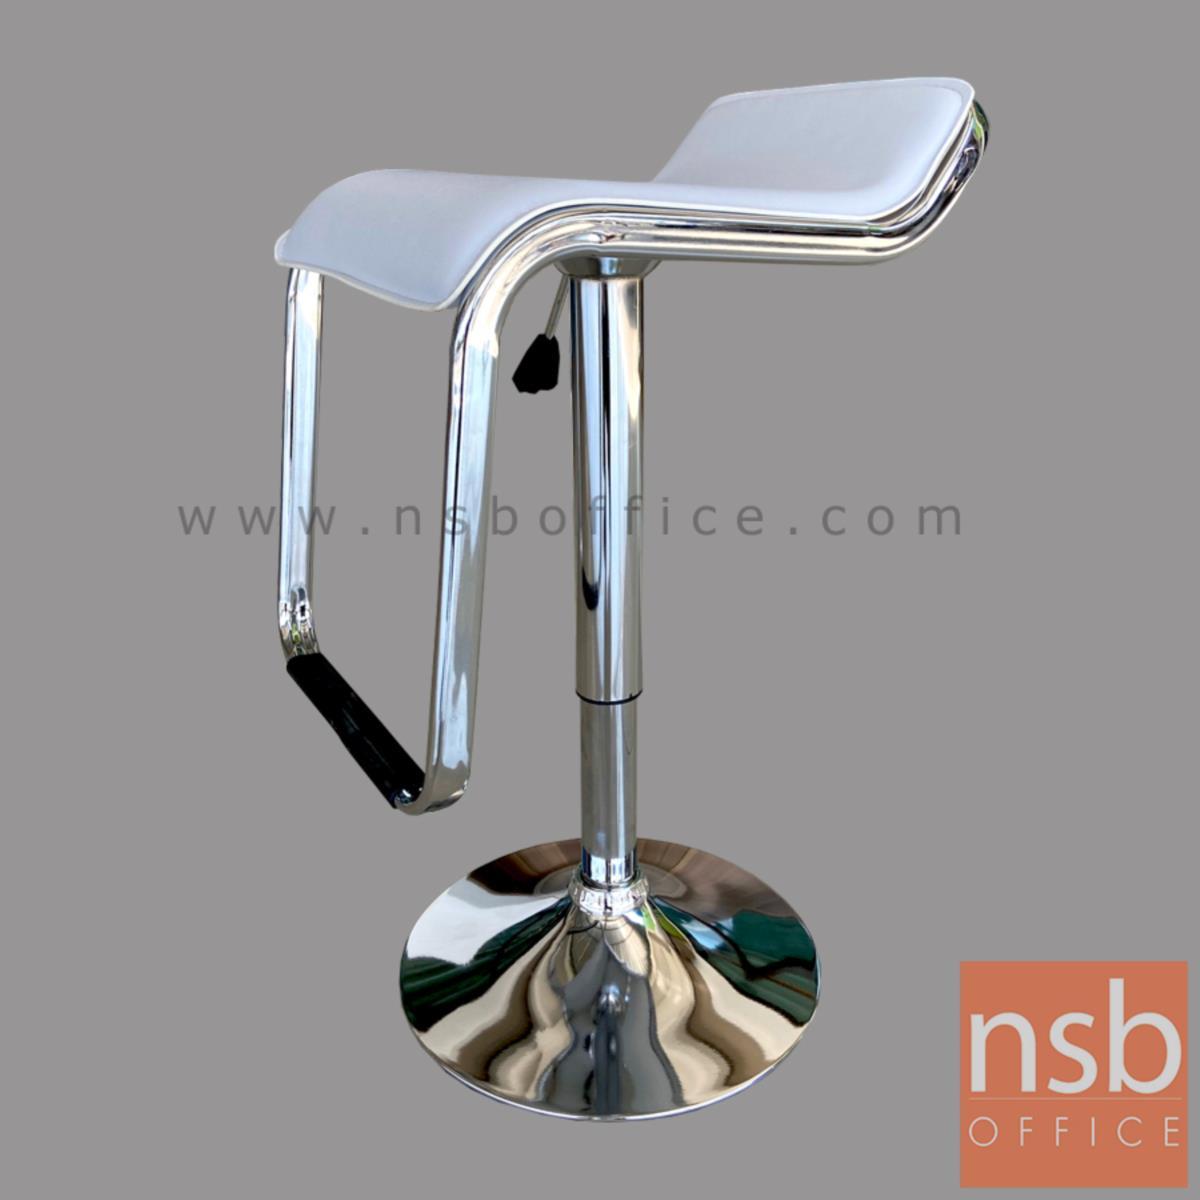 เก้าอี้บาร์สูงหนังเทียม รุ่น Vartan (วาร์แทน) ขนาด 47W cm. โช๊คแก๊ส ขาโครเมี่ยมฐานจานกลม